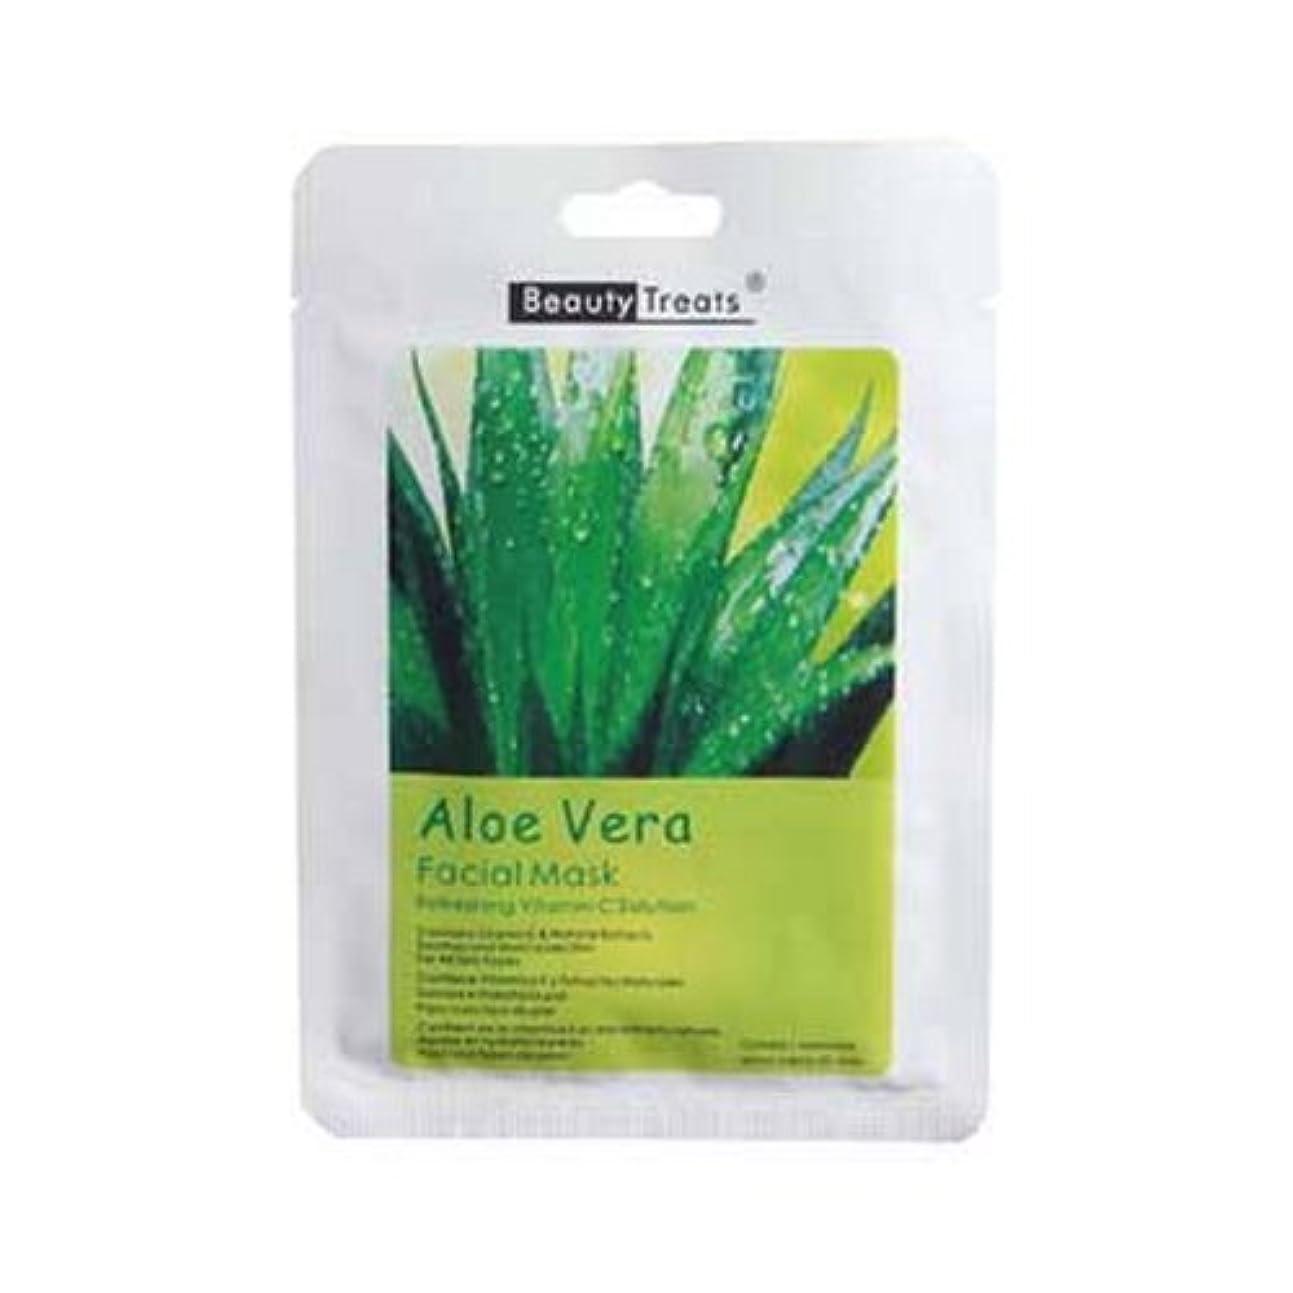 残酷平和な妨げる(6 Pack) BEAUTY TREATS Facial Mask Refreshing Vitamin C Solution - Aloe Vera (並行輸入品)